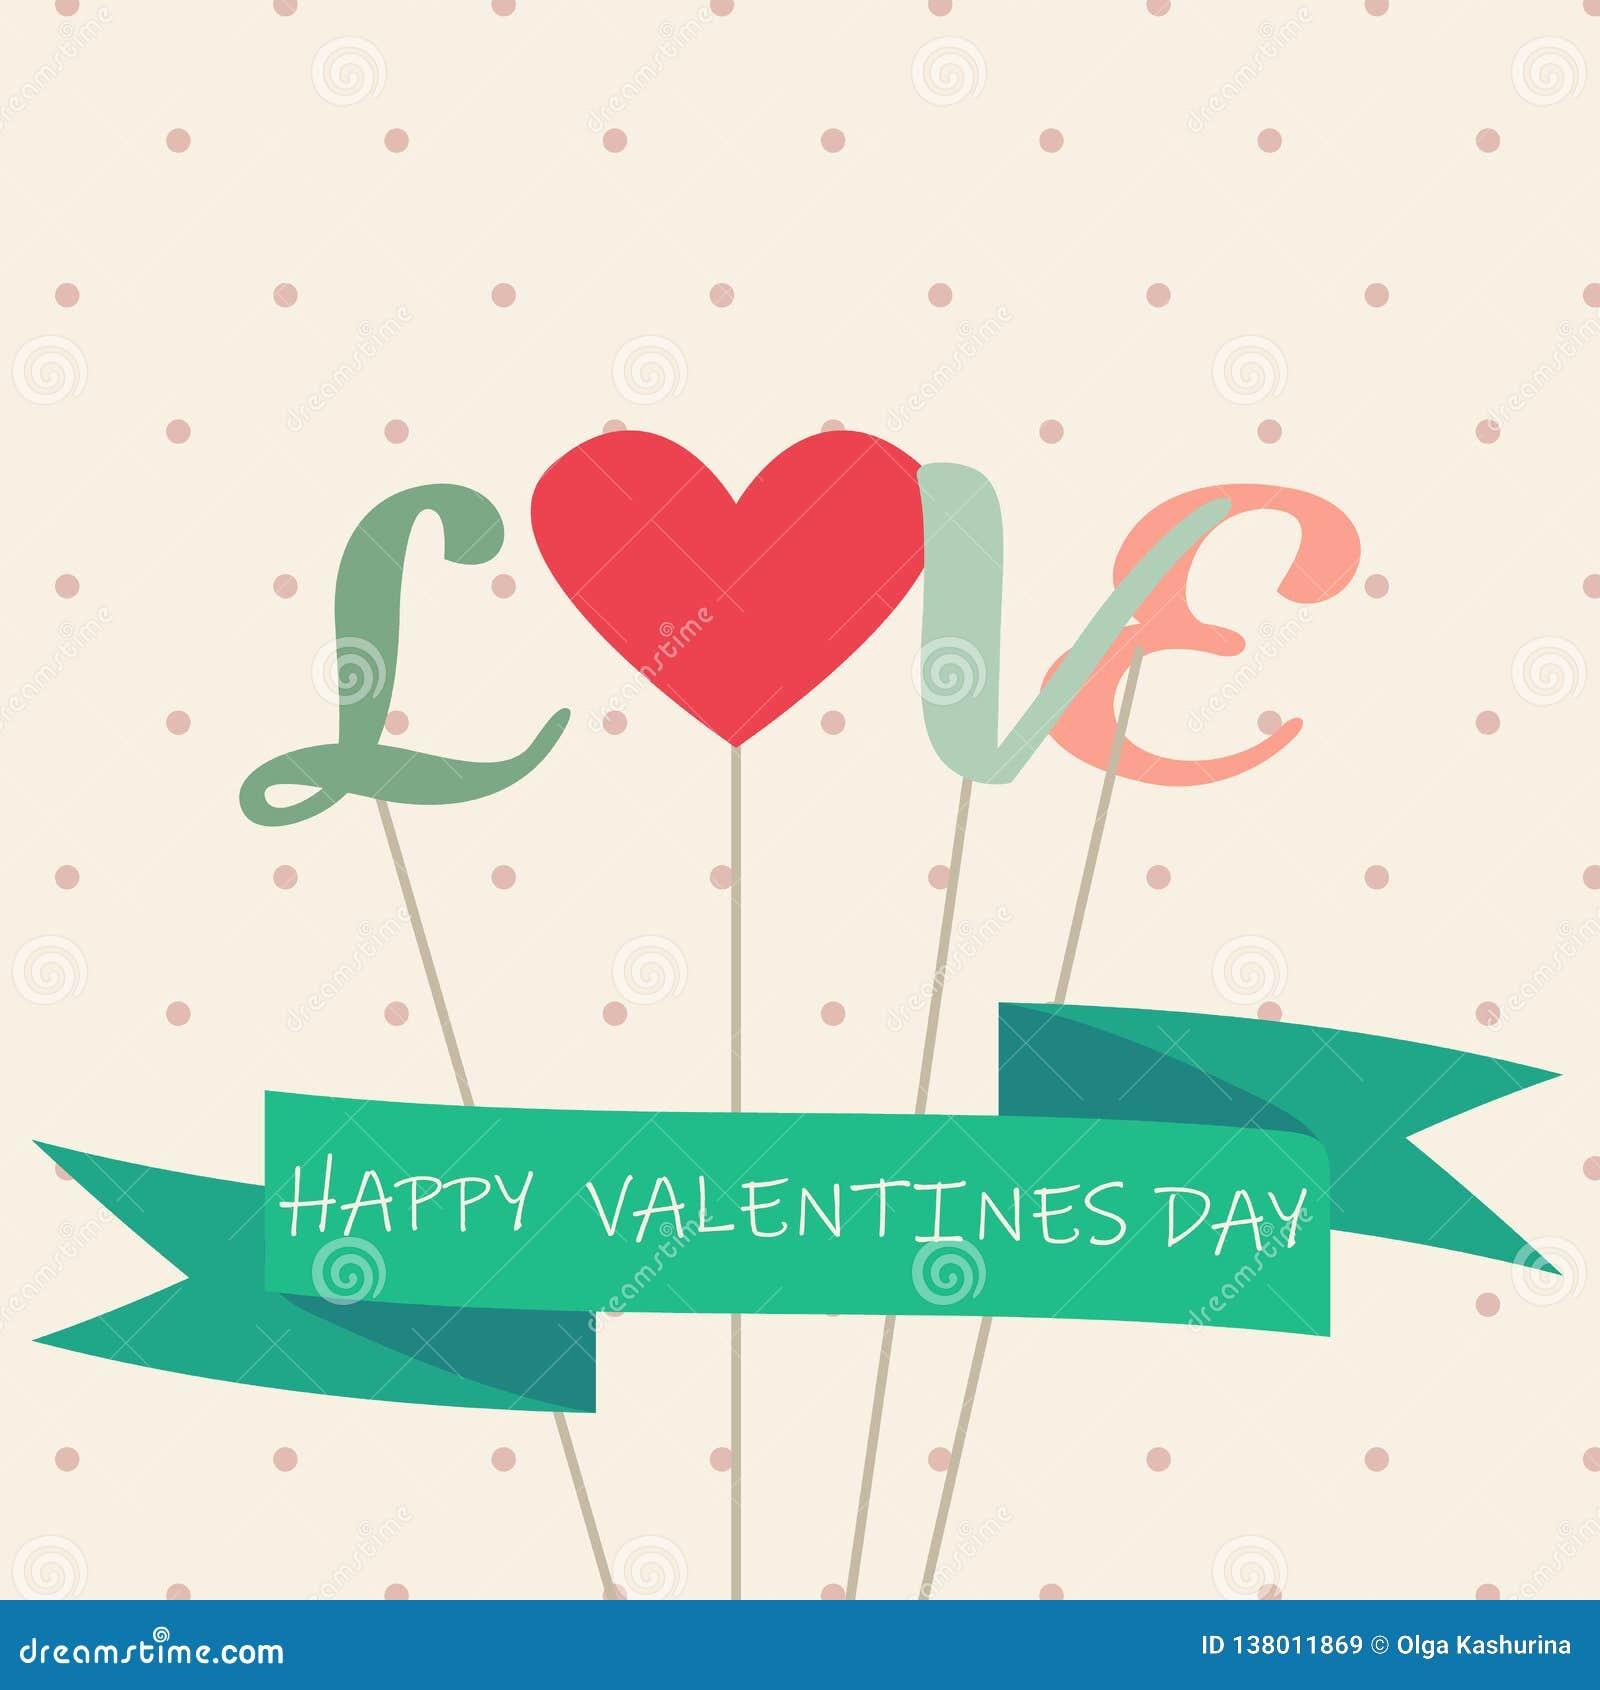 Szczęśliwe valentines pielenia i dnia karty wektor - wektor -